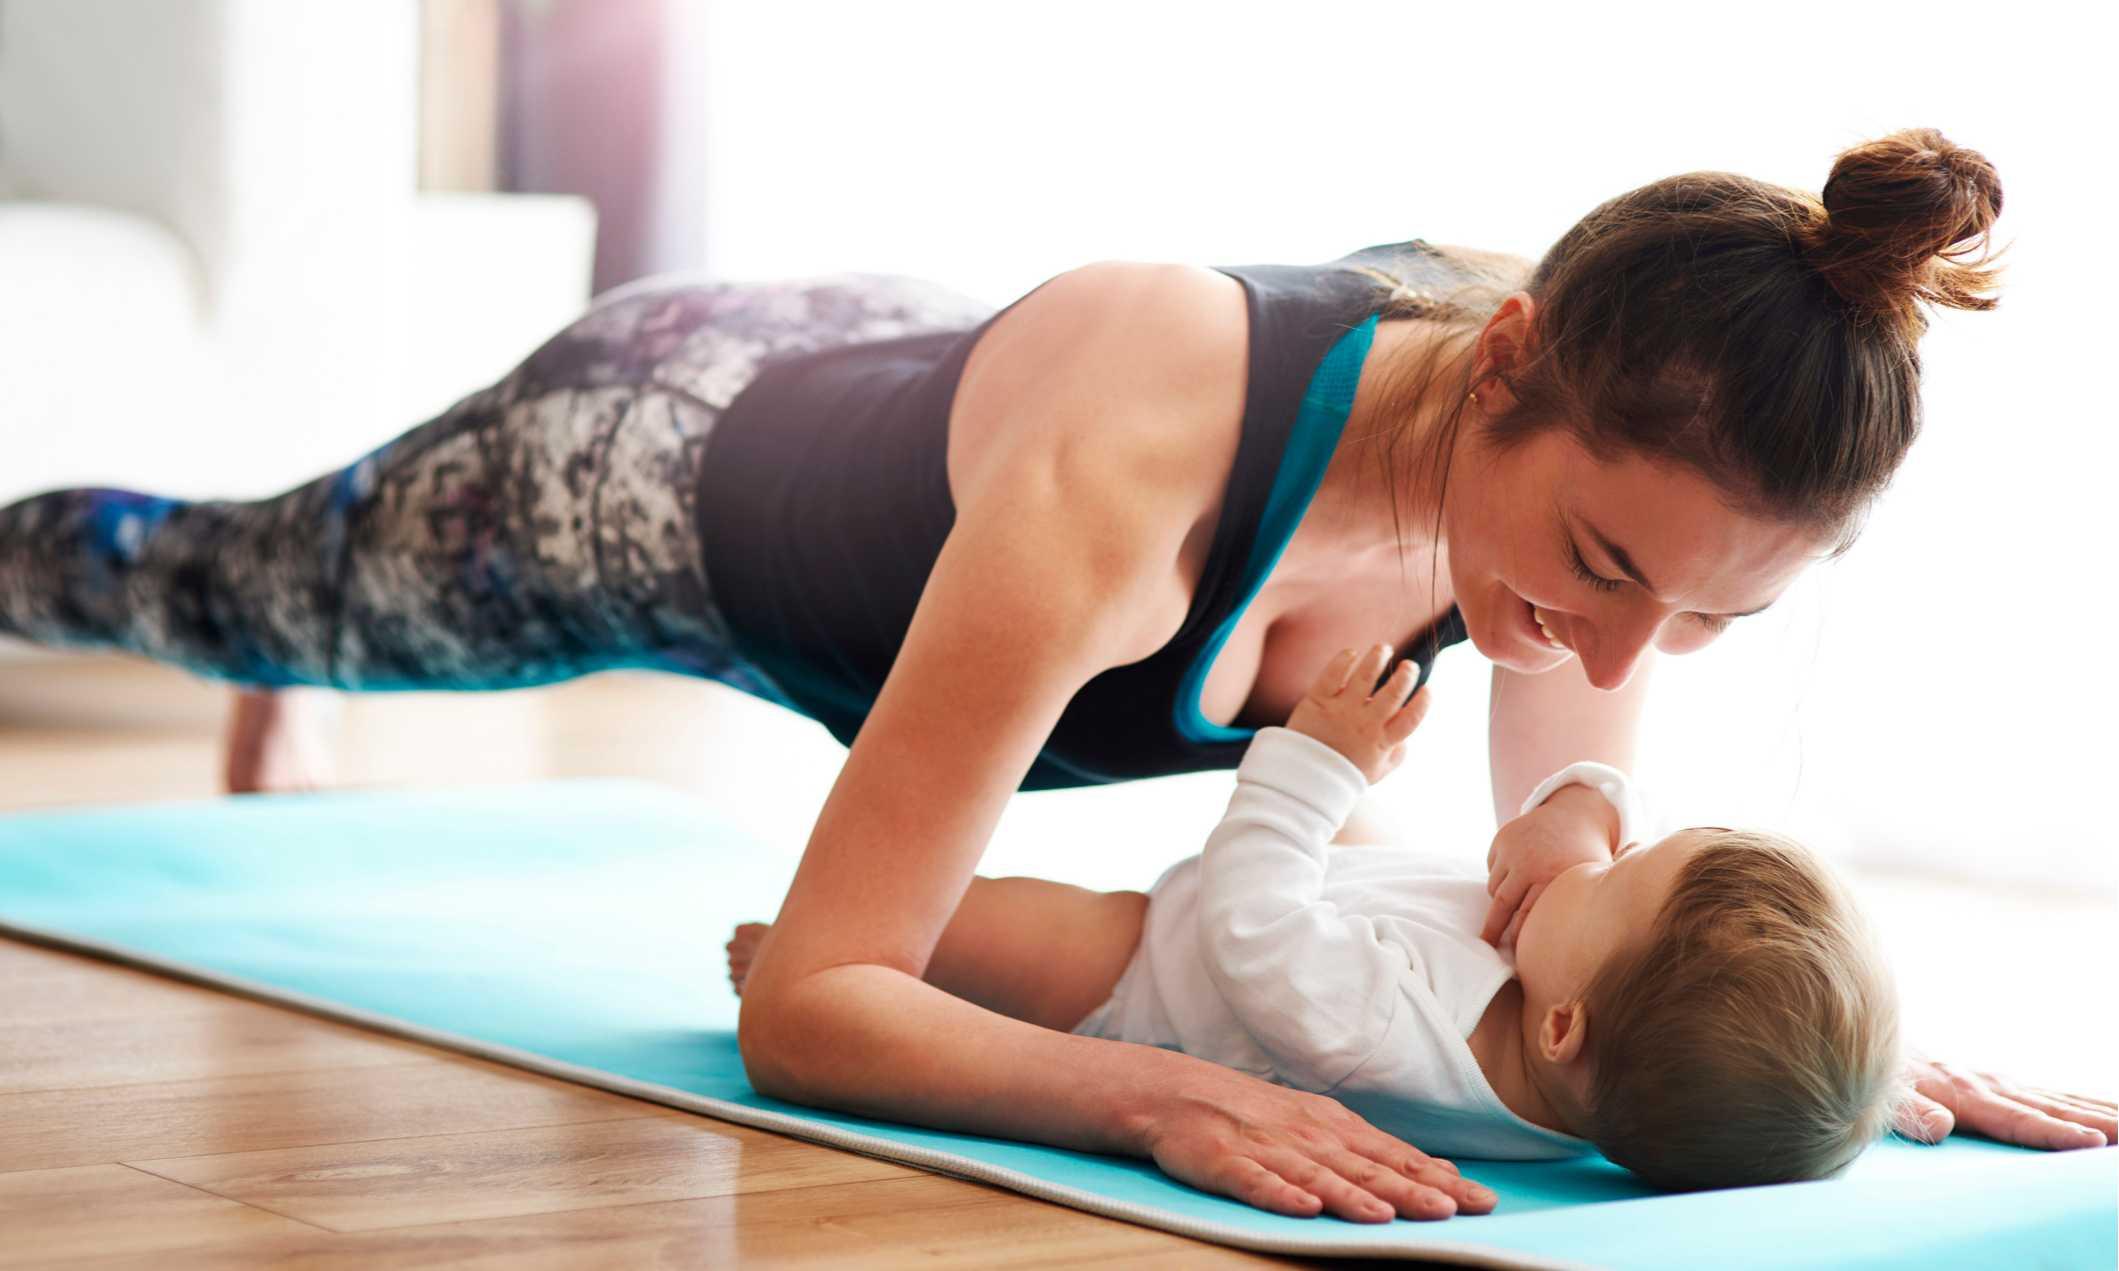 Разрывы после родов - восстановление мышц живота, влагалища, шейки матки, промежности, как и чем обрабатывать швы